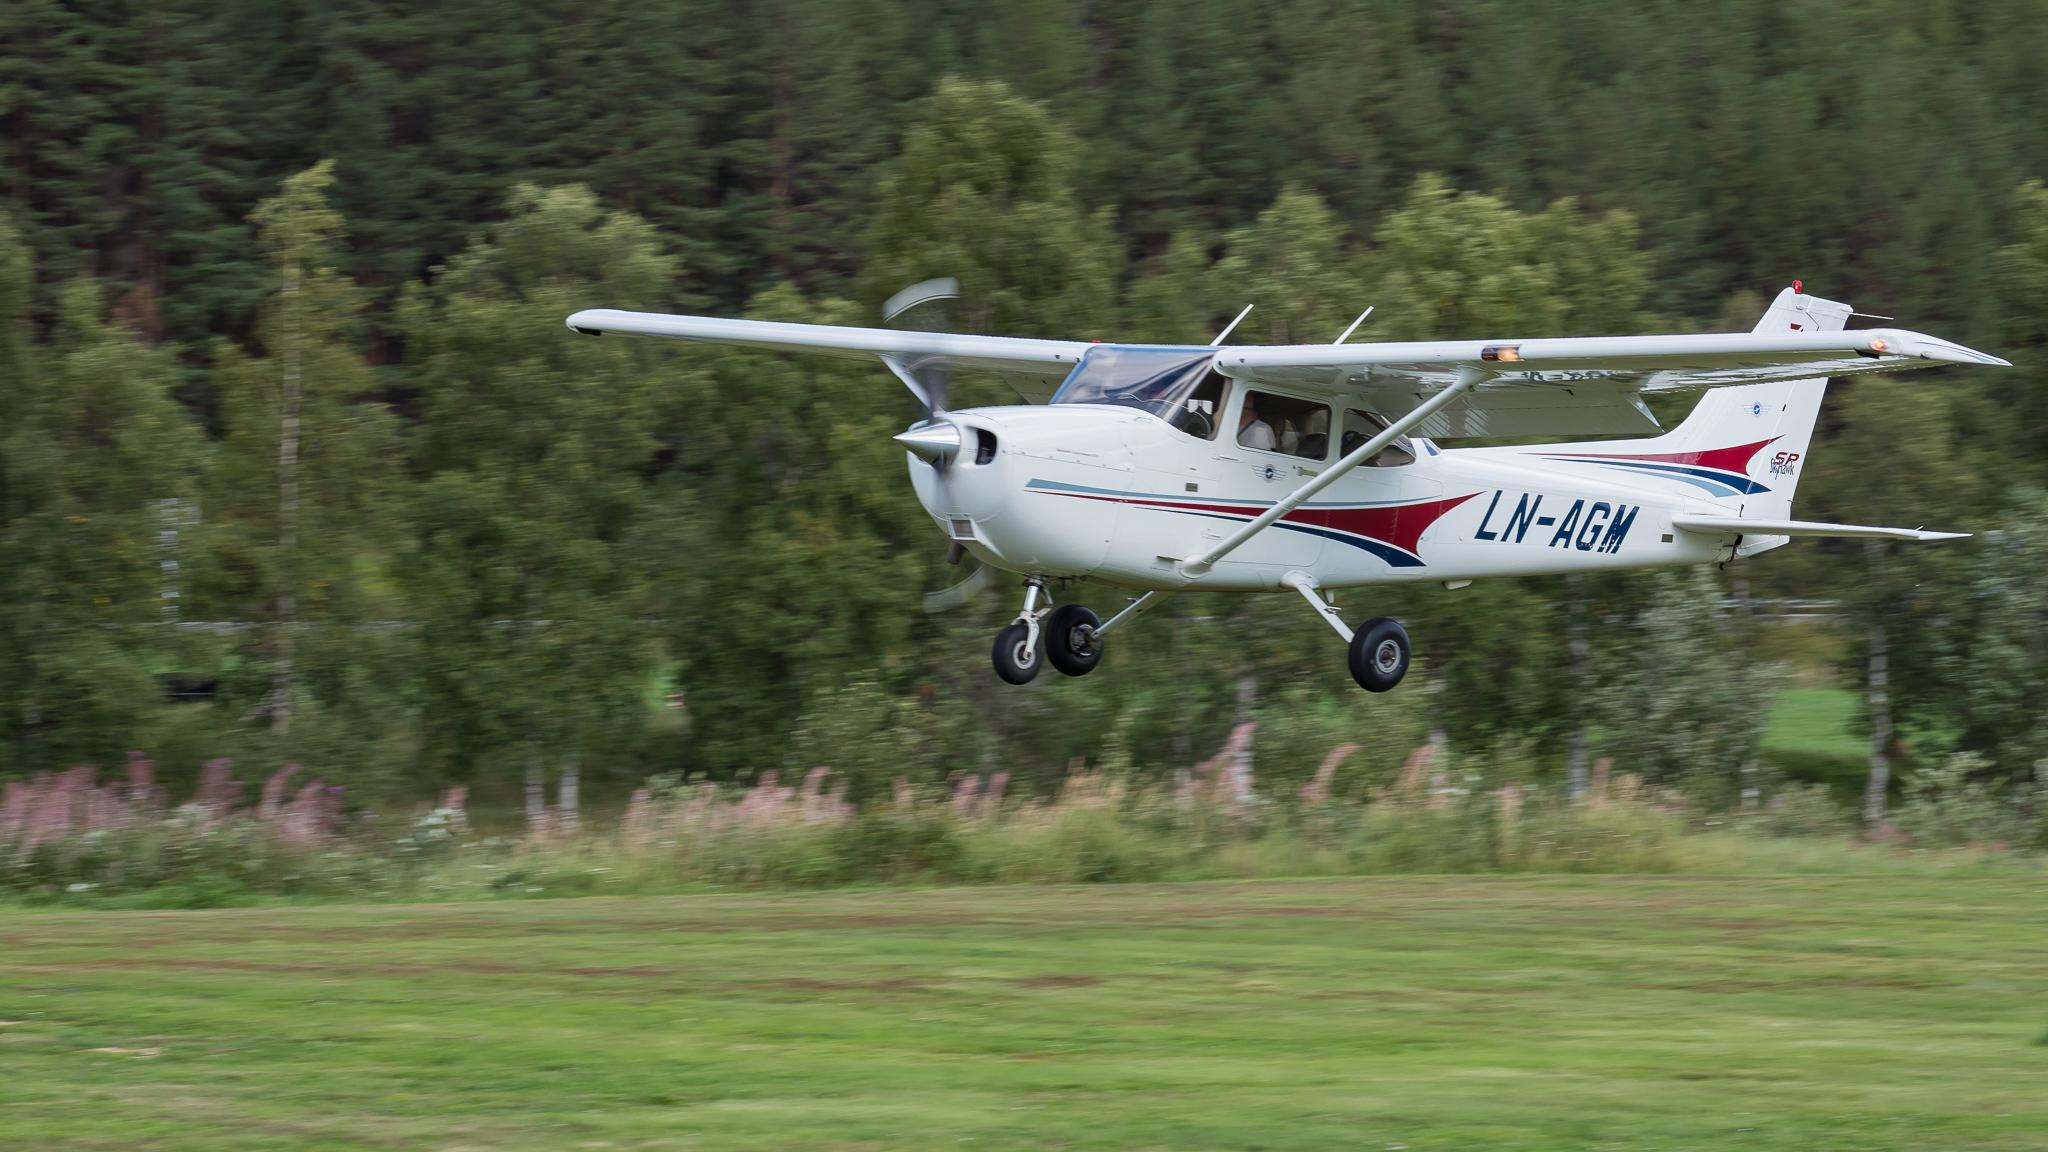 Fotografering av fly (foto: Håkon Trønnes)